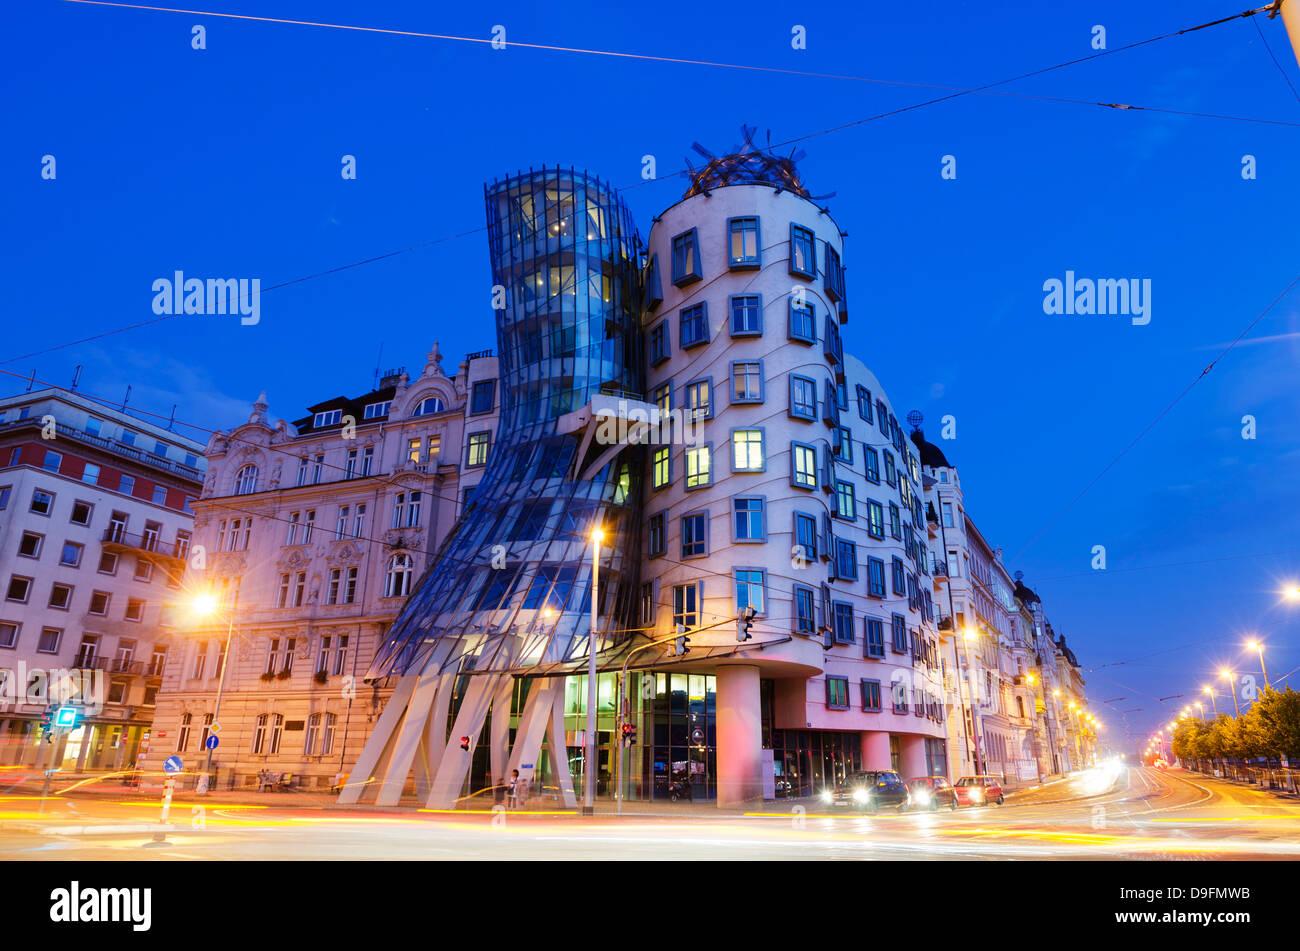 Fred y Ginger escuela de baile, baile House, diseñado por Frank O Geary, Praga, República Checa Imagen De Stock